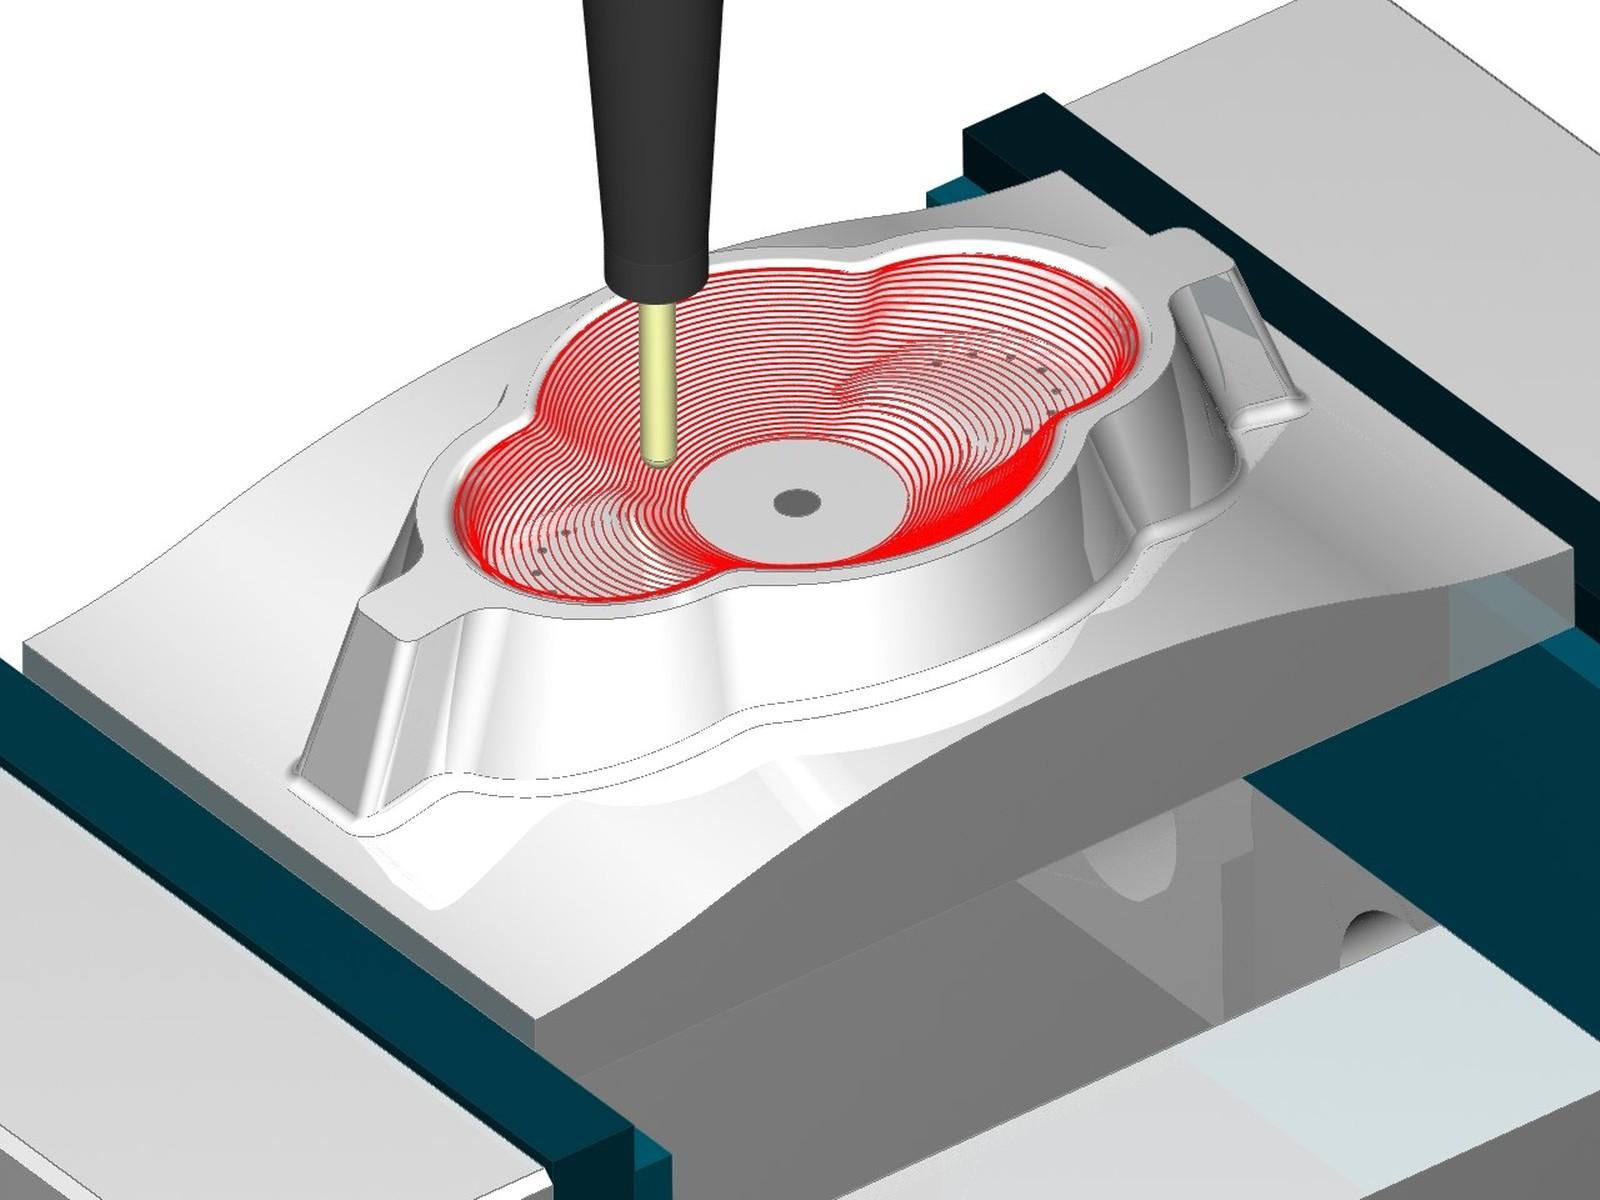 3D Spiral-Schlichten gestattet die Bearbeitung steiler und flacher Bereiche einer Form mit einer einzigen Werkzeugbahn, deren Bahnabstand sich nach dem Winkel der zu bearbeitenden Flächen richtet.